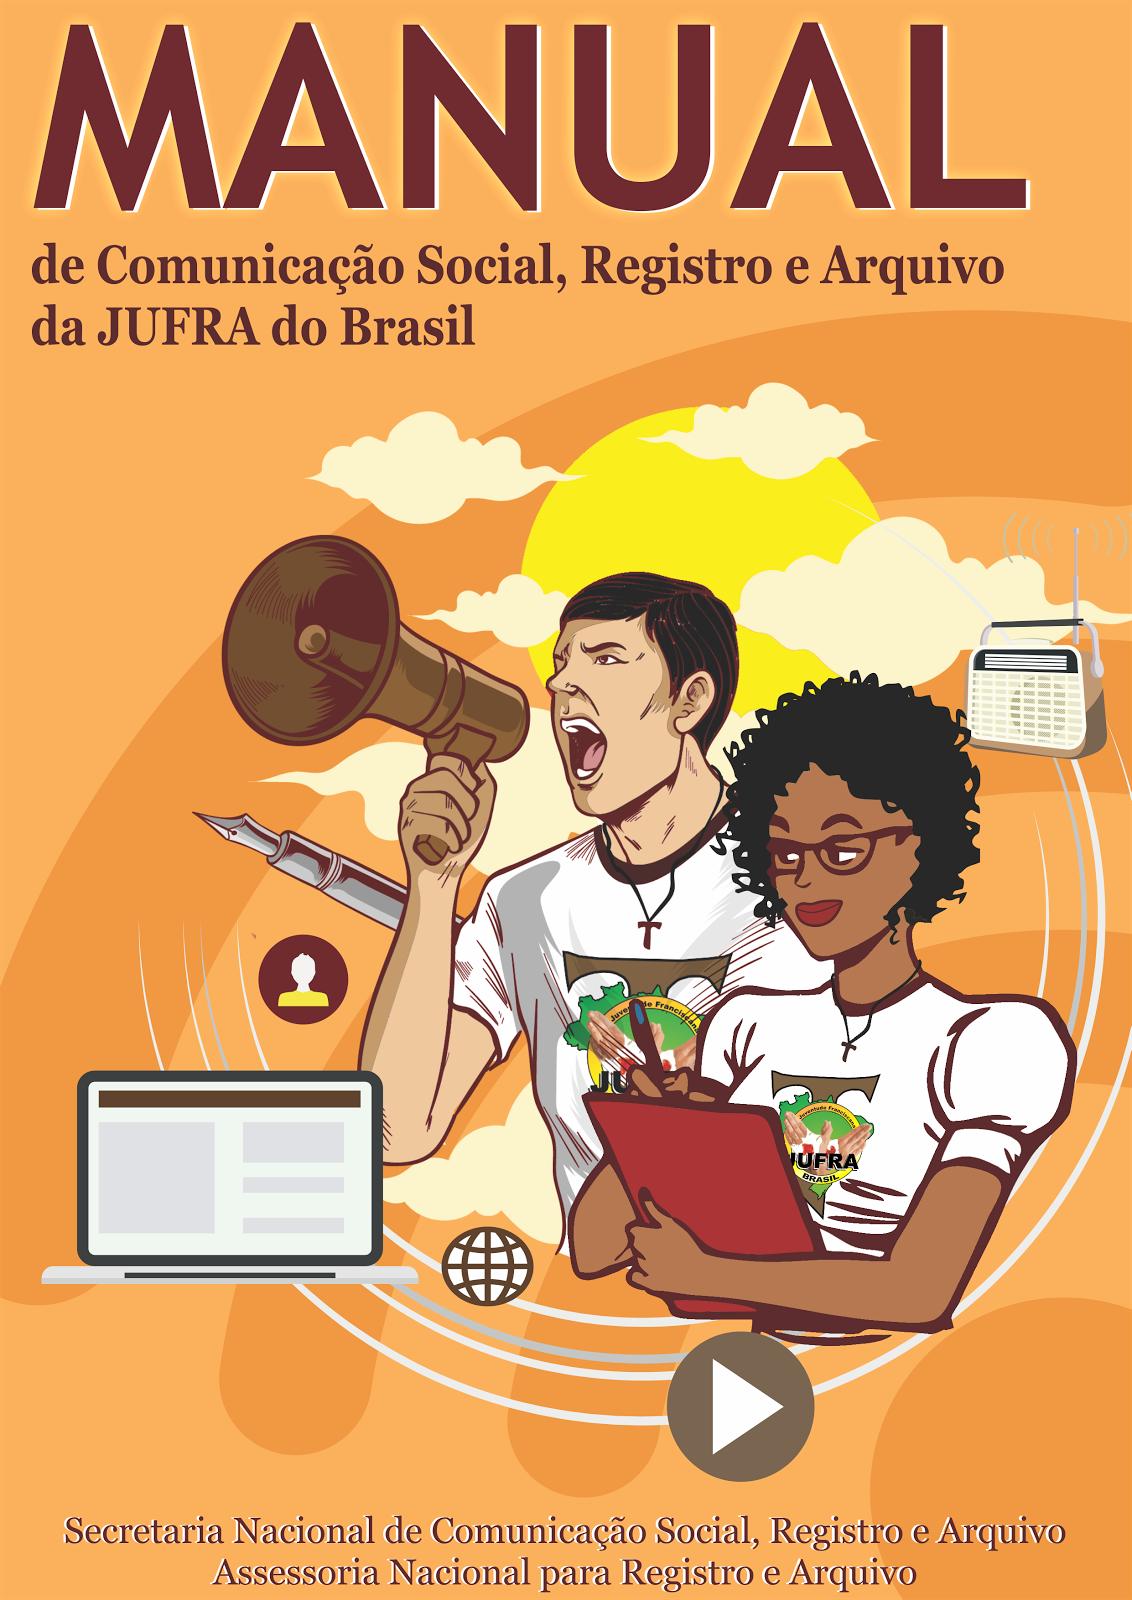 MANUAL DE COMUNICAÇÃO SOCIAL, REGISTRO E ARQUIVO